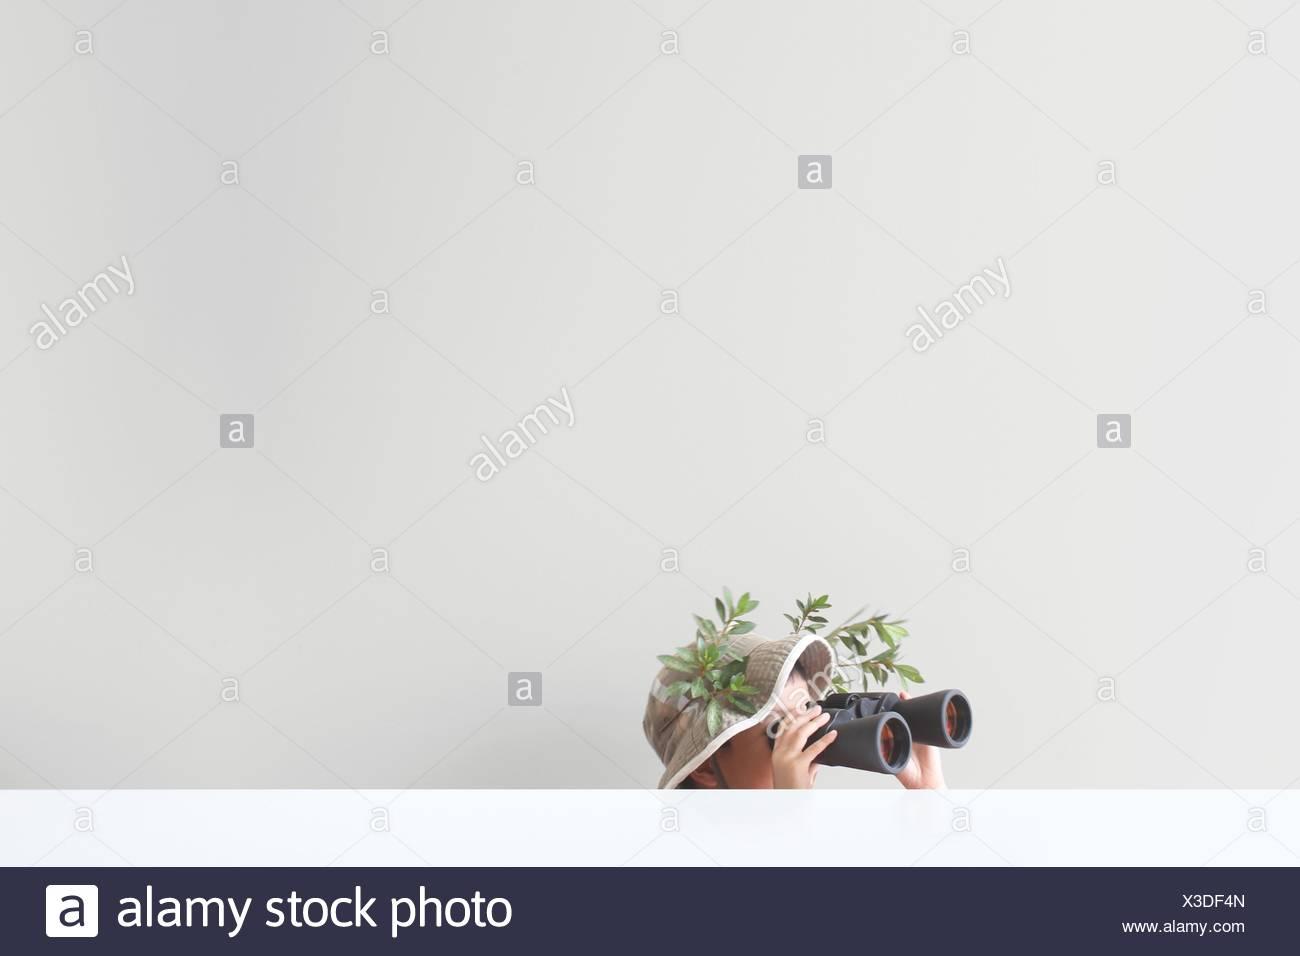 Chico mirando a través de binoculares con algunas hojas y ramas de árbol pegada en su safari hat Imagen De Stock